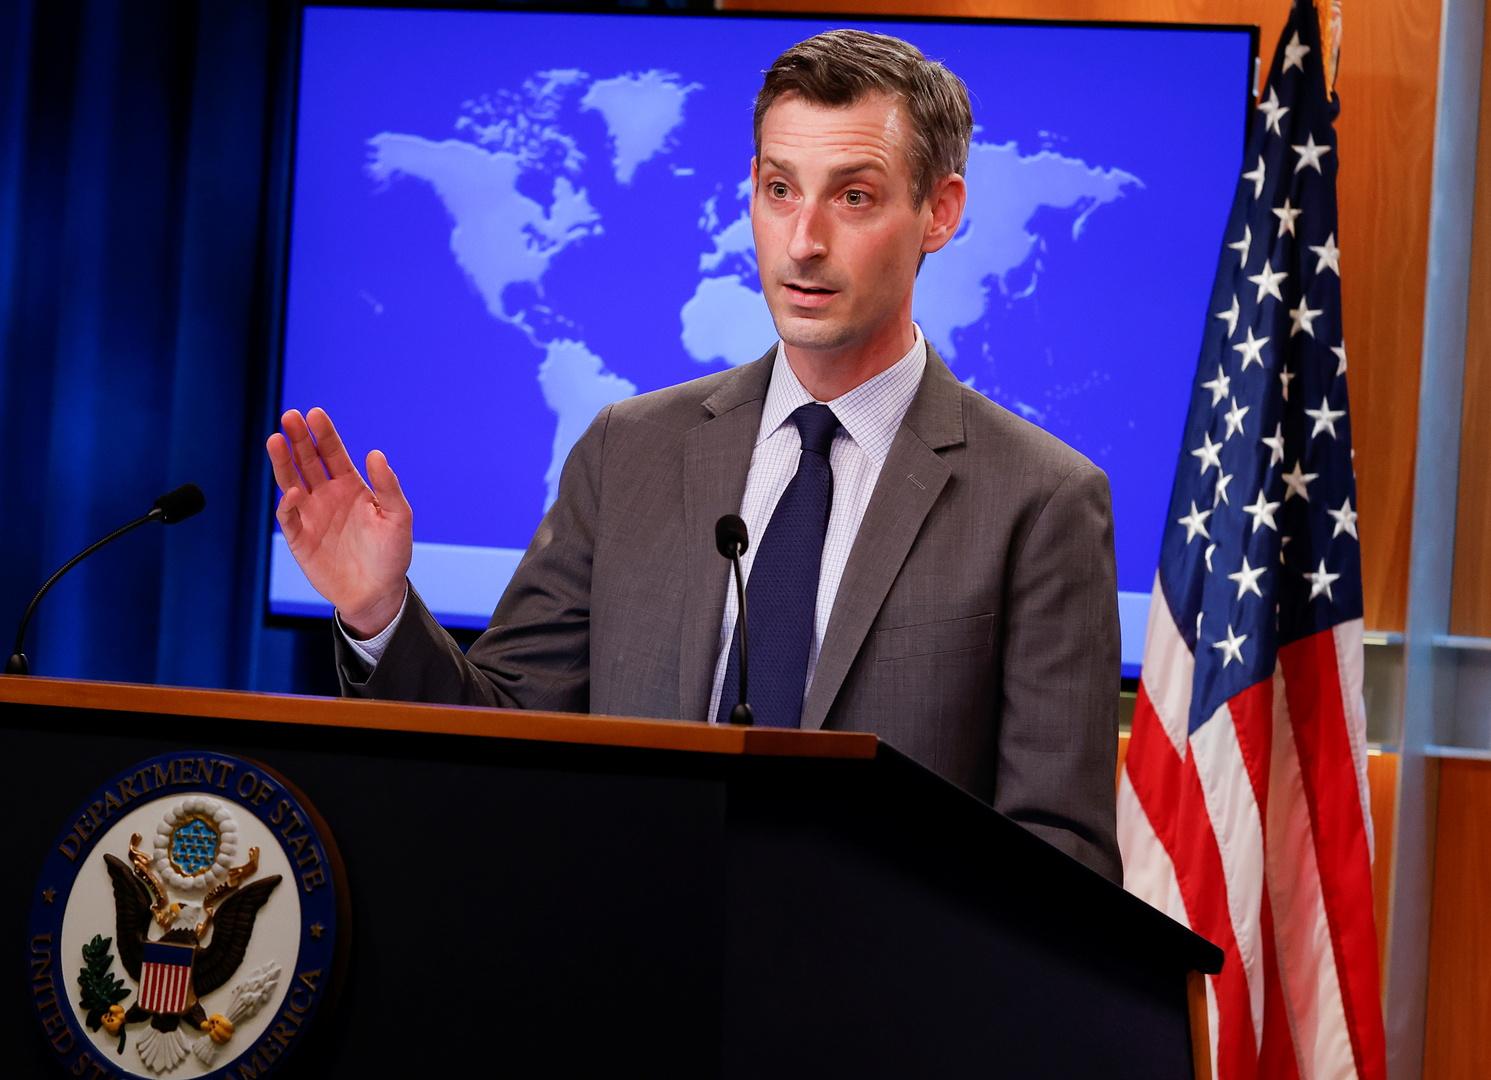 الخارجية الأمريكية: واشنطن مستعدة لرفع عقوبات إيران التي لا تتسق مع الاتفاق النووي